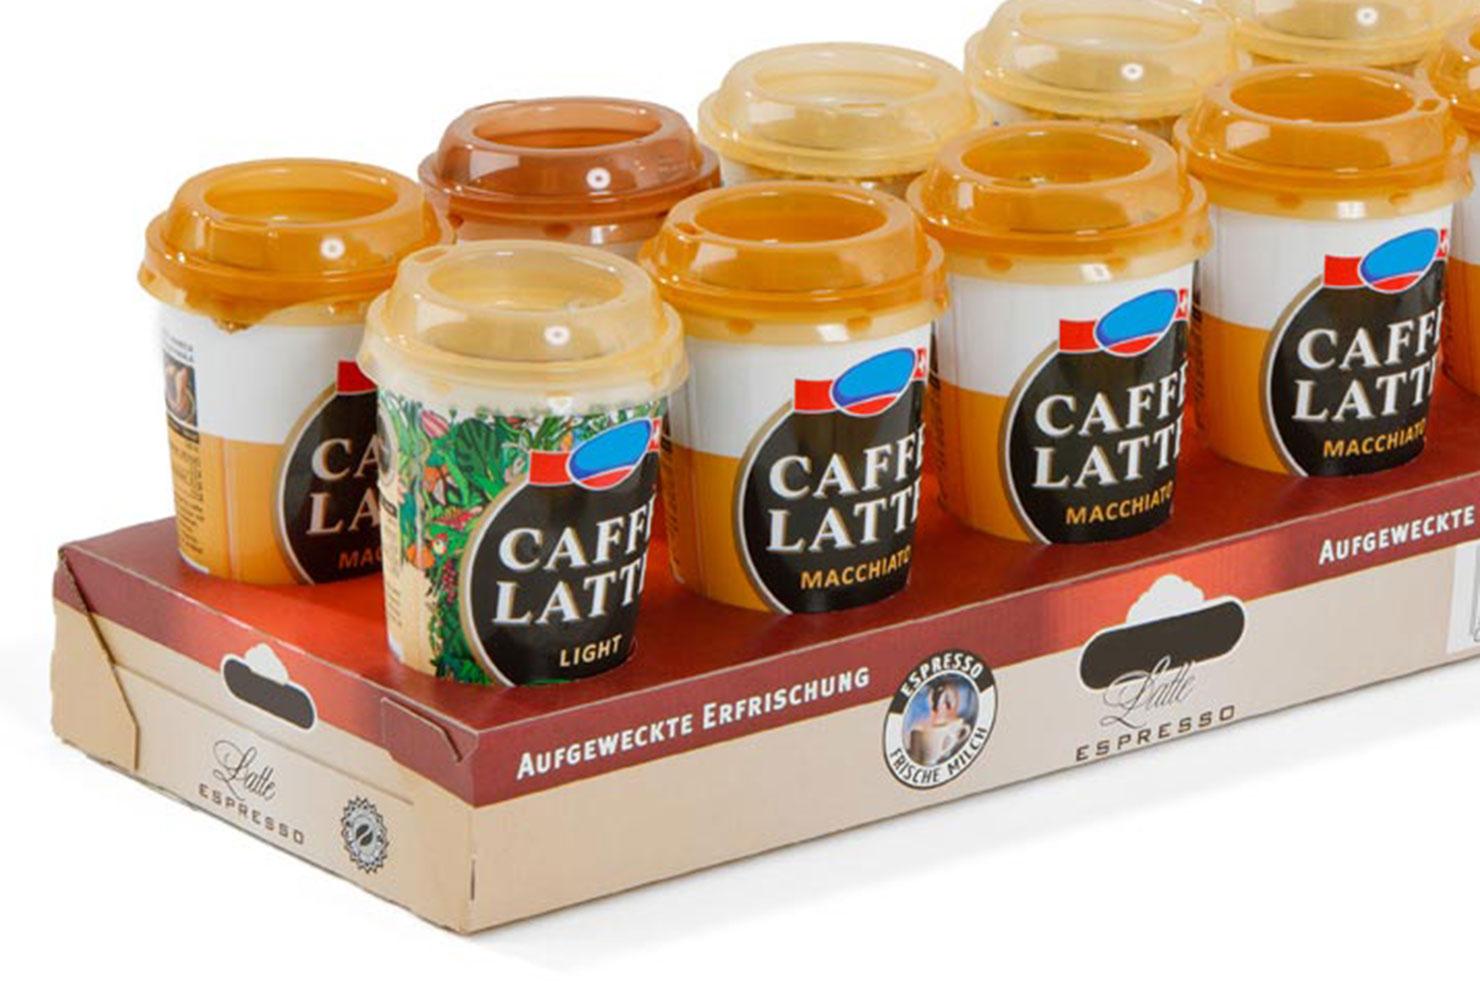 Shelf Ready Packaging (SRP), Werbeträger aus Wellpappe